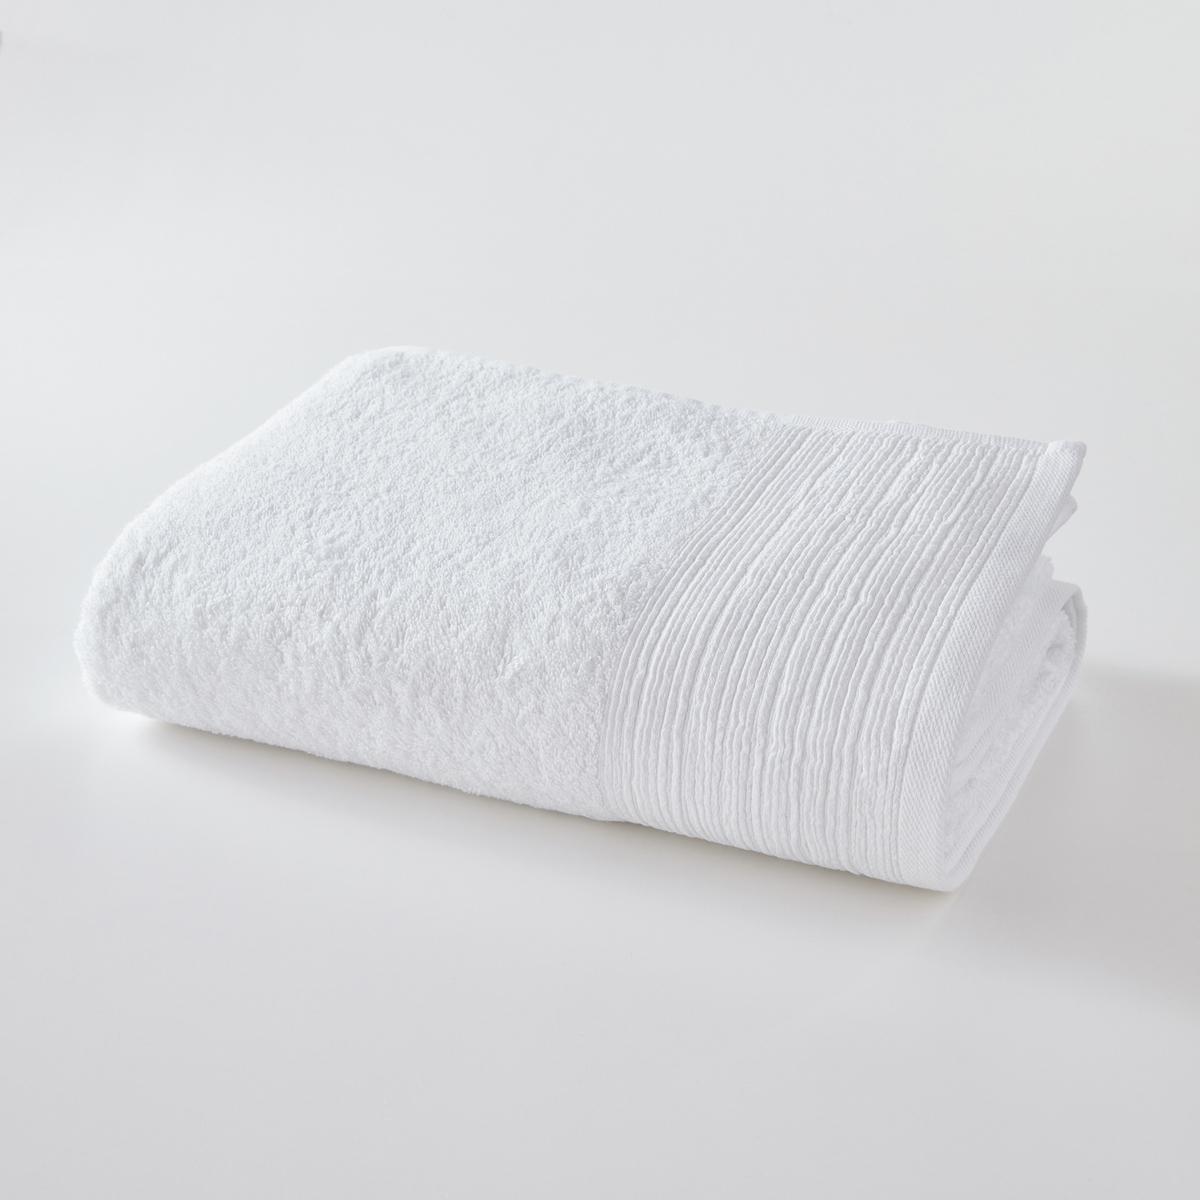 Полотенце банное однотонное махровое из биохлопкаОписание:Полотенце банное однотонное махровое из биохлопка : очень мягкое и приятное наощупь. Биохлопок сохраняет окружающую среду и здоровье людей, возделывающих его .   Характеристики банного однотонного полотенца из биохлопка :- Махровая ткань букле, 100% биолопка (500 г/м?) высокого качества.- Обработка краев со складками.- Машинная стирка при 60 °С.- Машинная сушка.- Замечательная износоустойчивость, сохраняет мягкость и яркость окраски после многочисленных стирок.- Размеры : 70 x 140 см.Знак Oeko-Tex® гарантирует, что товары прошли проверку и были изготовлены без применения вредных для здоровья человека веществ.<br><br>Цвет: белый,желтый кукурузный,индиго,кирпичный,розовая пудра,серо-синий